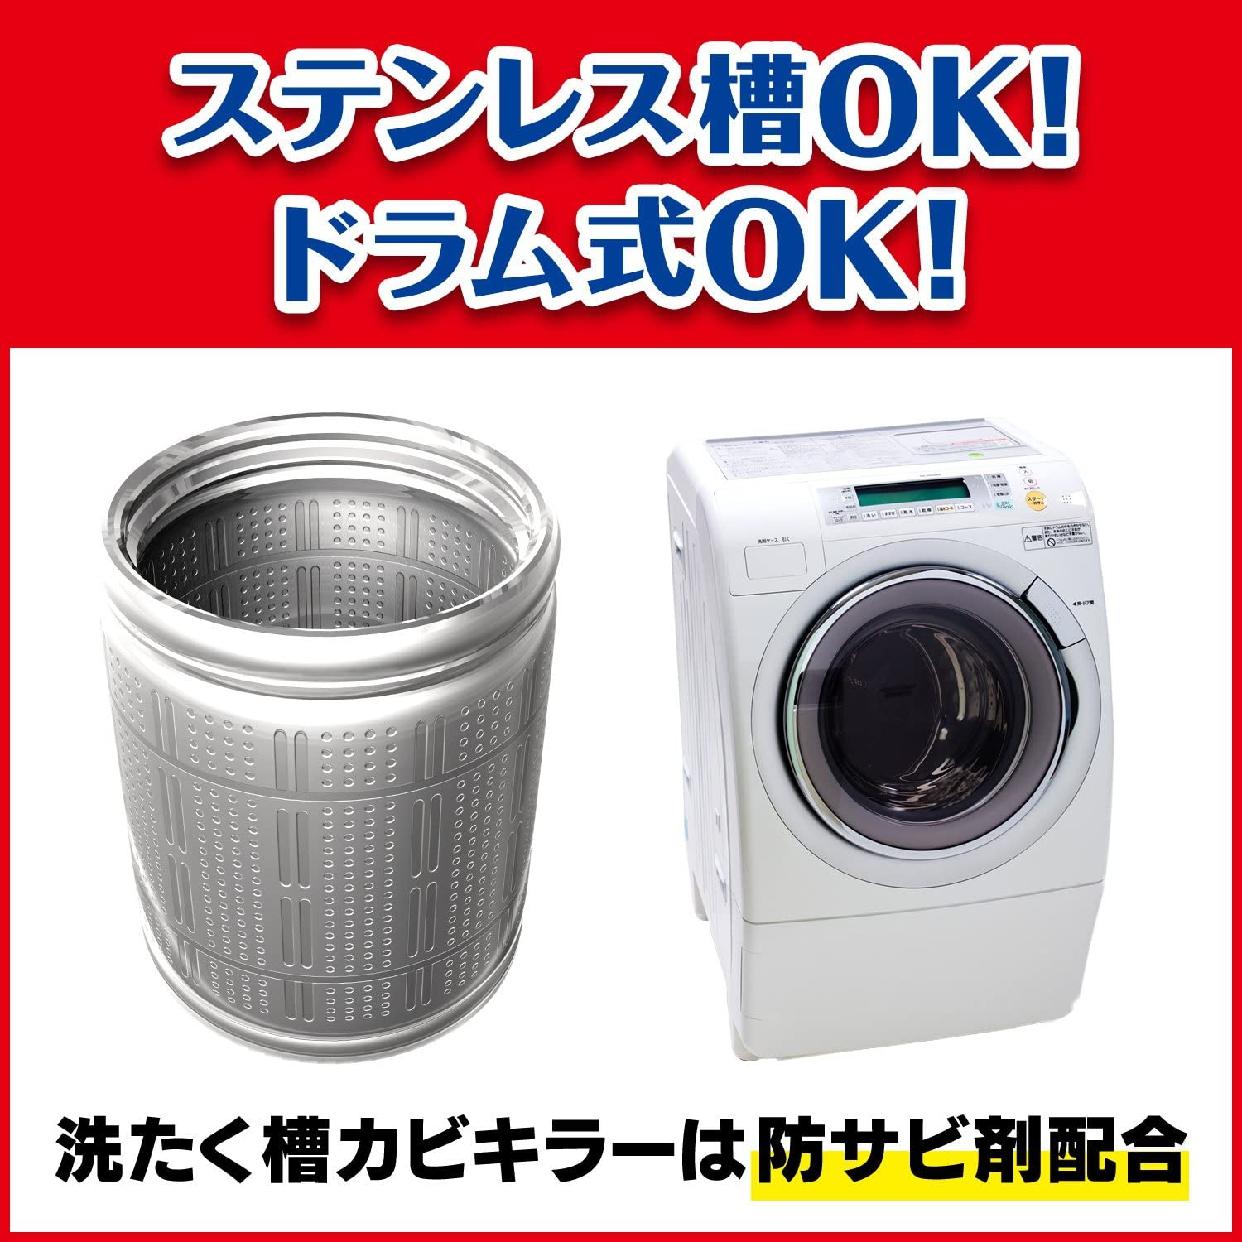 カビキラー洗たく槽カビキラー (塩素系)の商品画像5